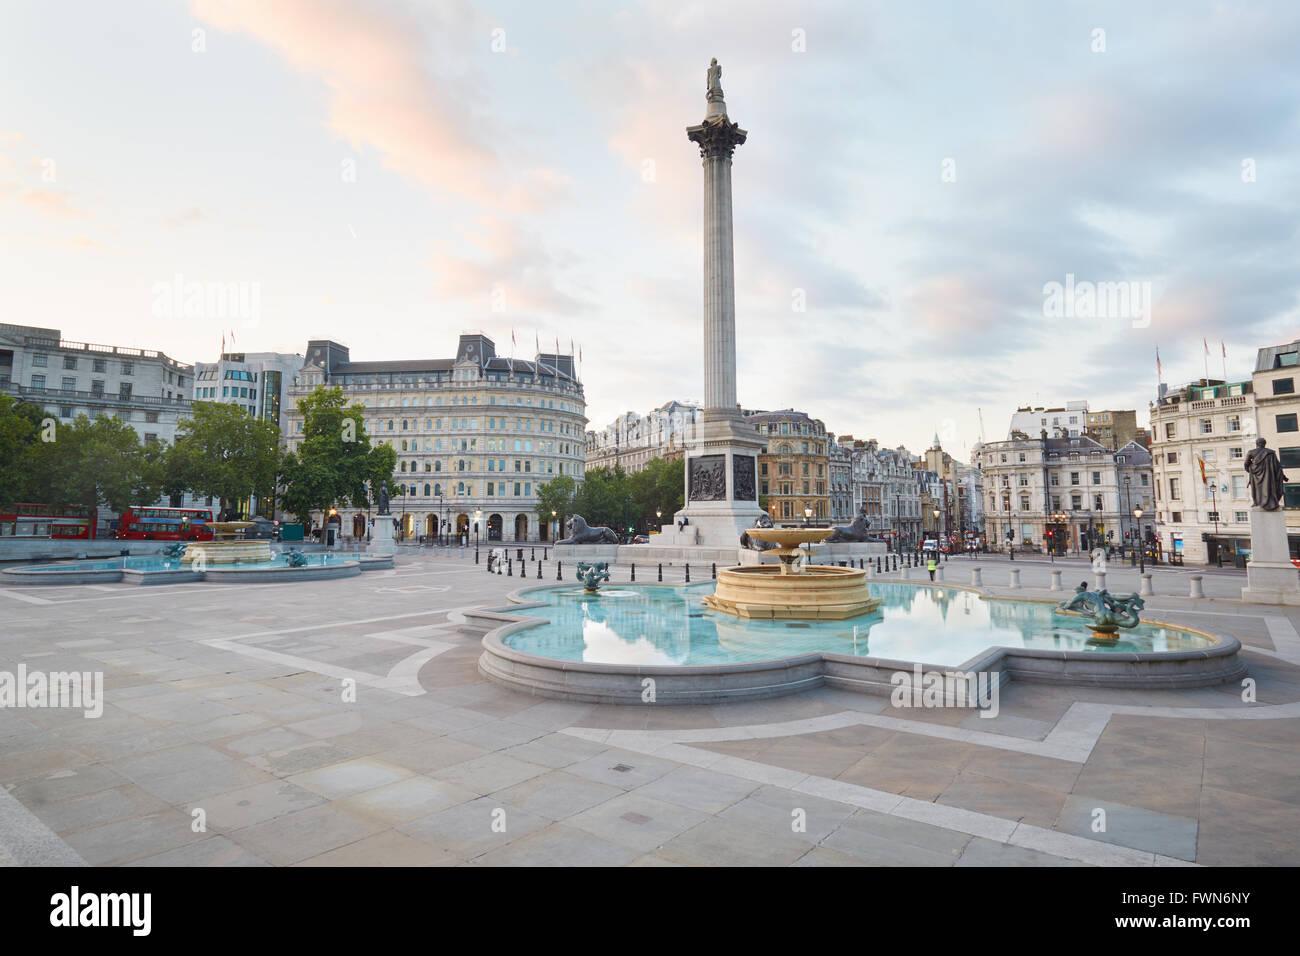 Vacíe Trafalgar Square, muy temprano en la mañana en Londres, nadie Imagen De Stock